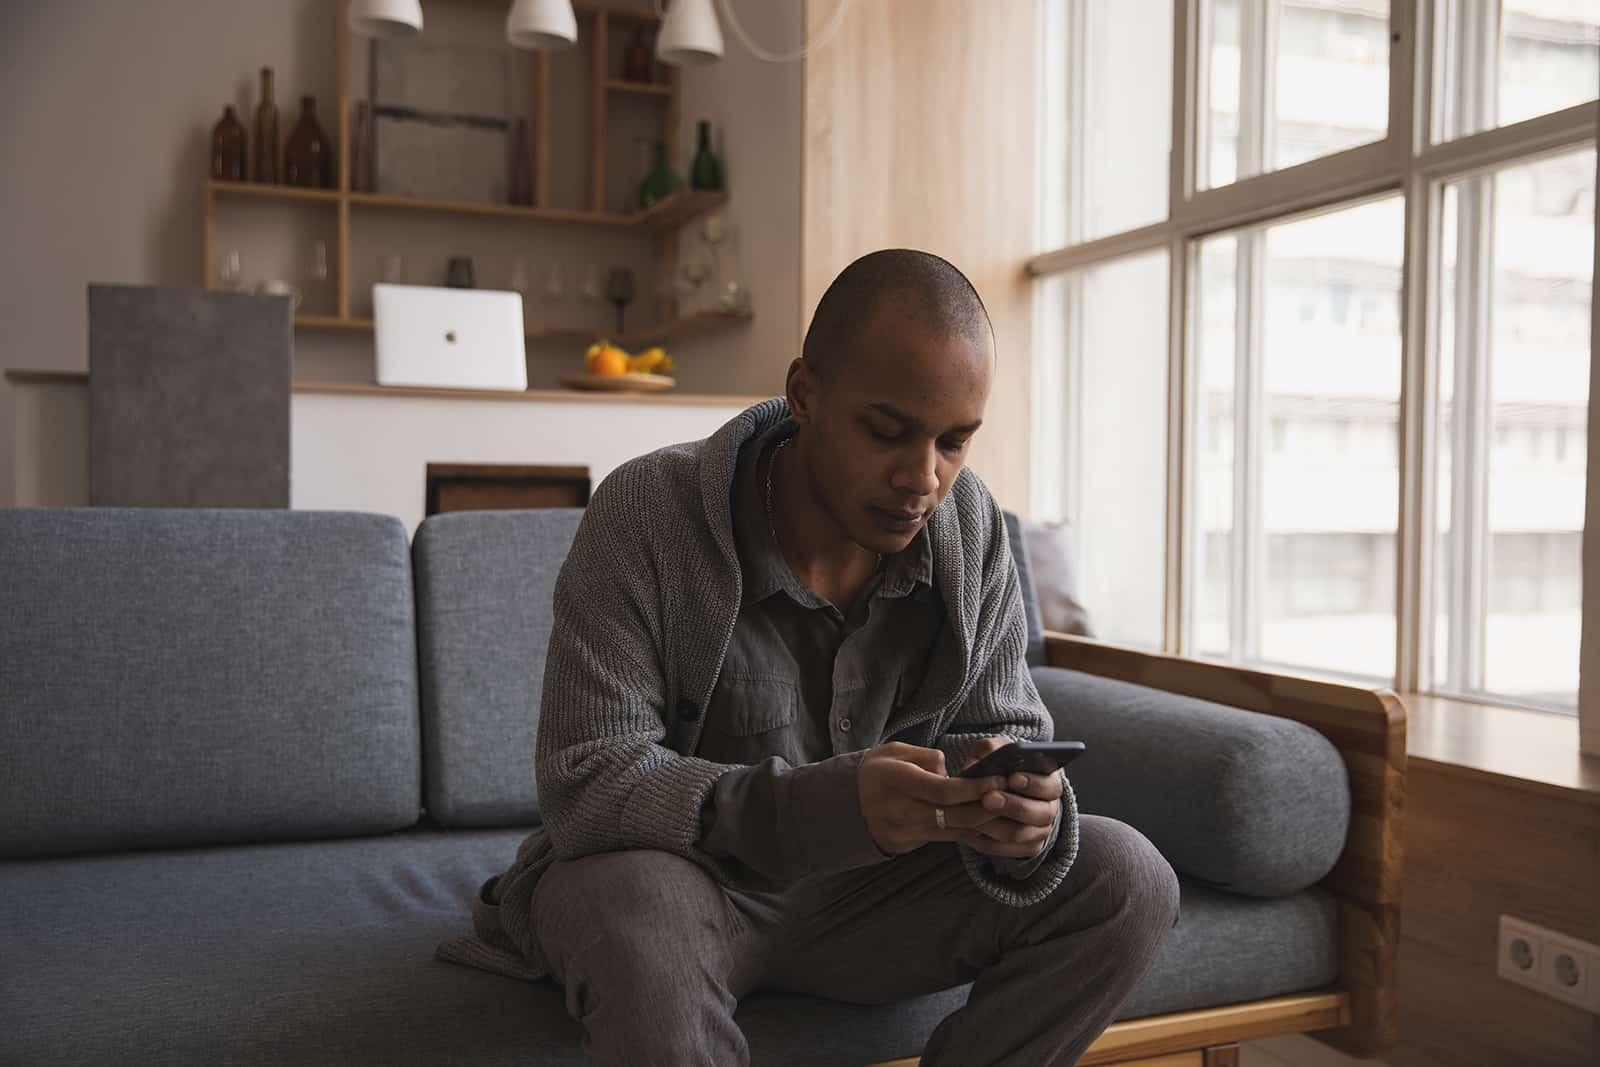 Ein ernster Mann benutzt sein Handy, während er auf der Couch sitzt